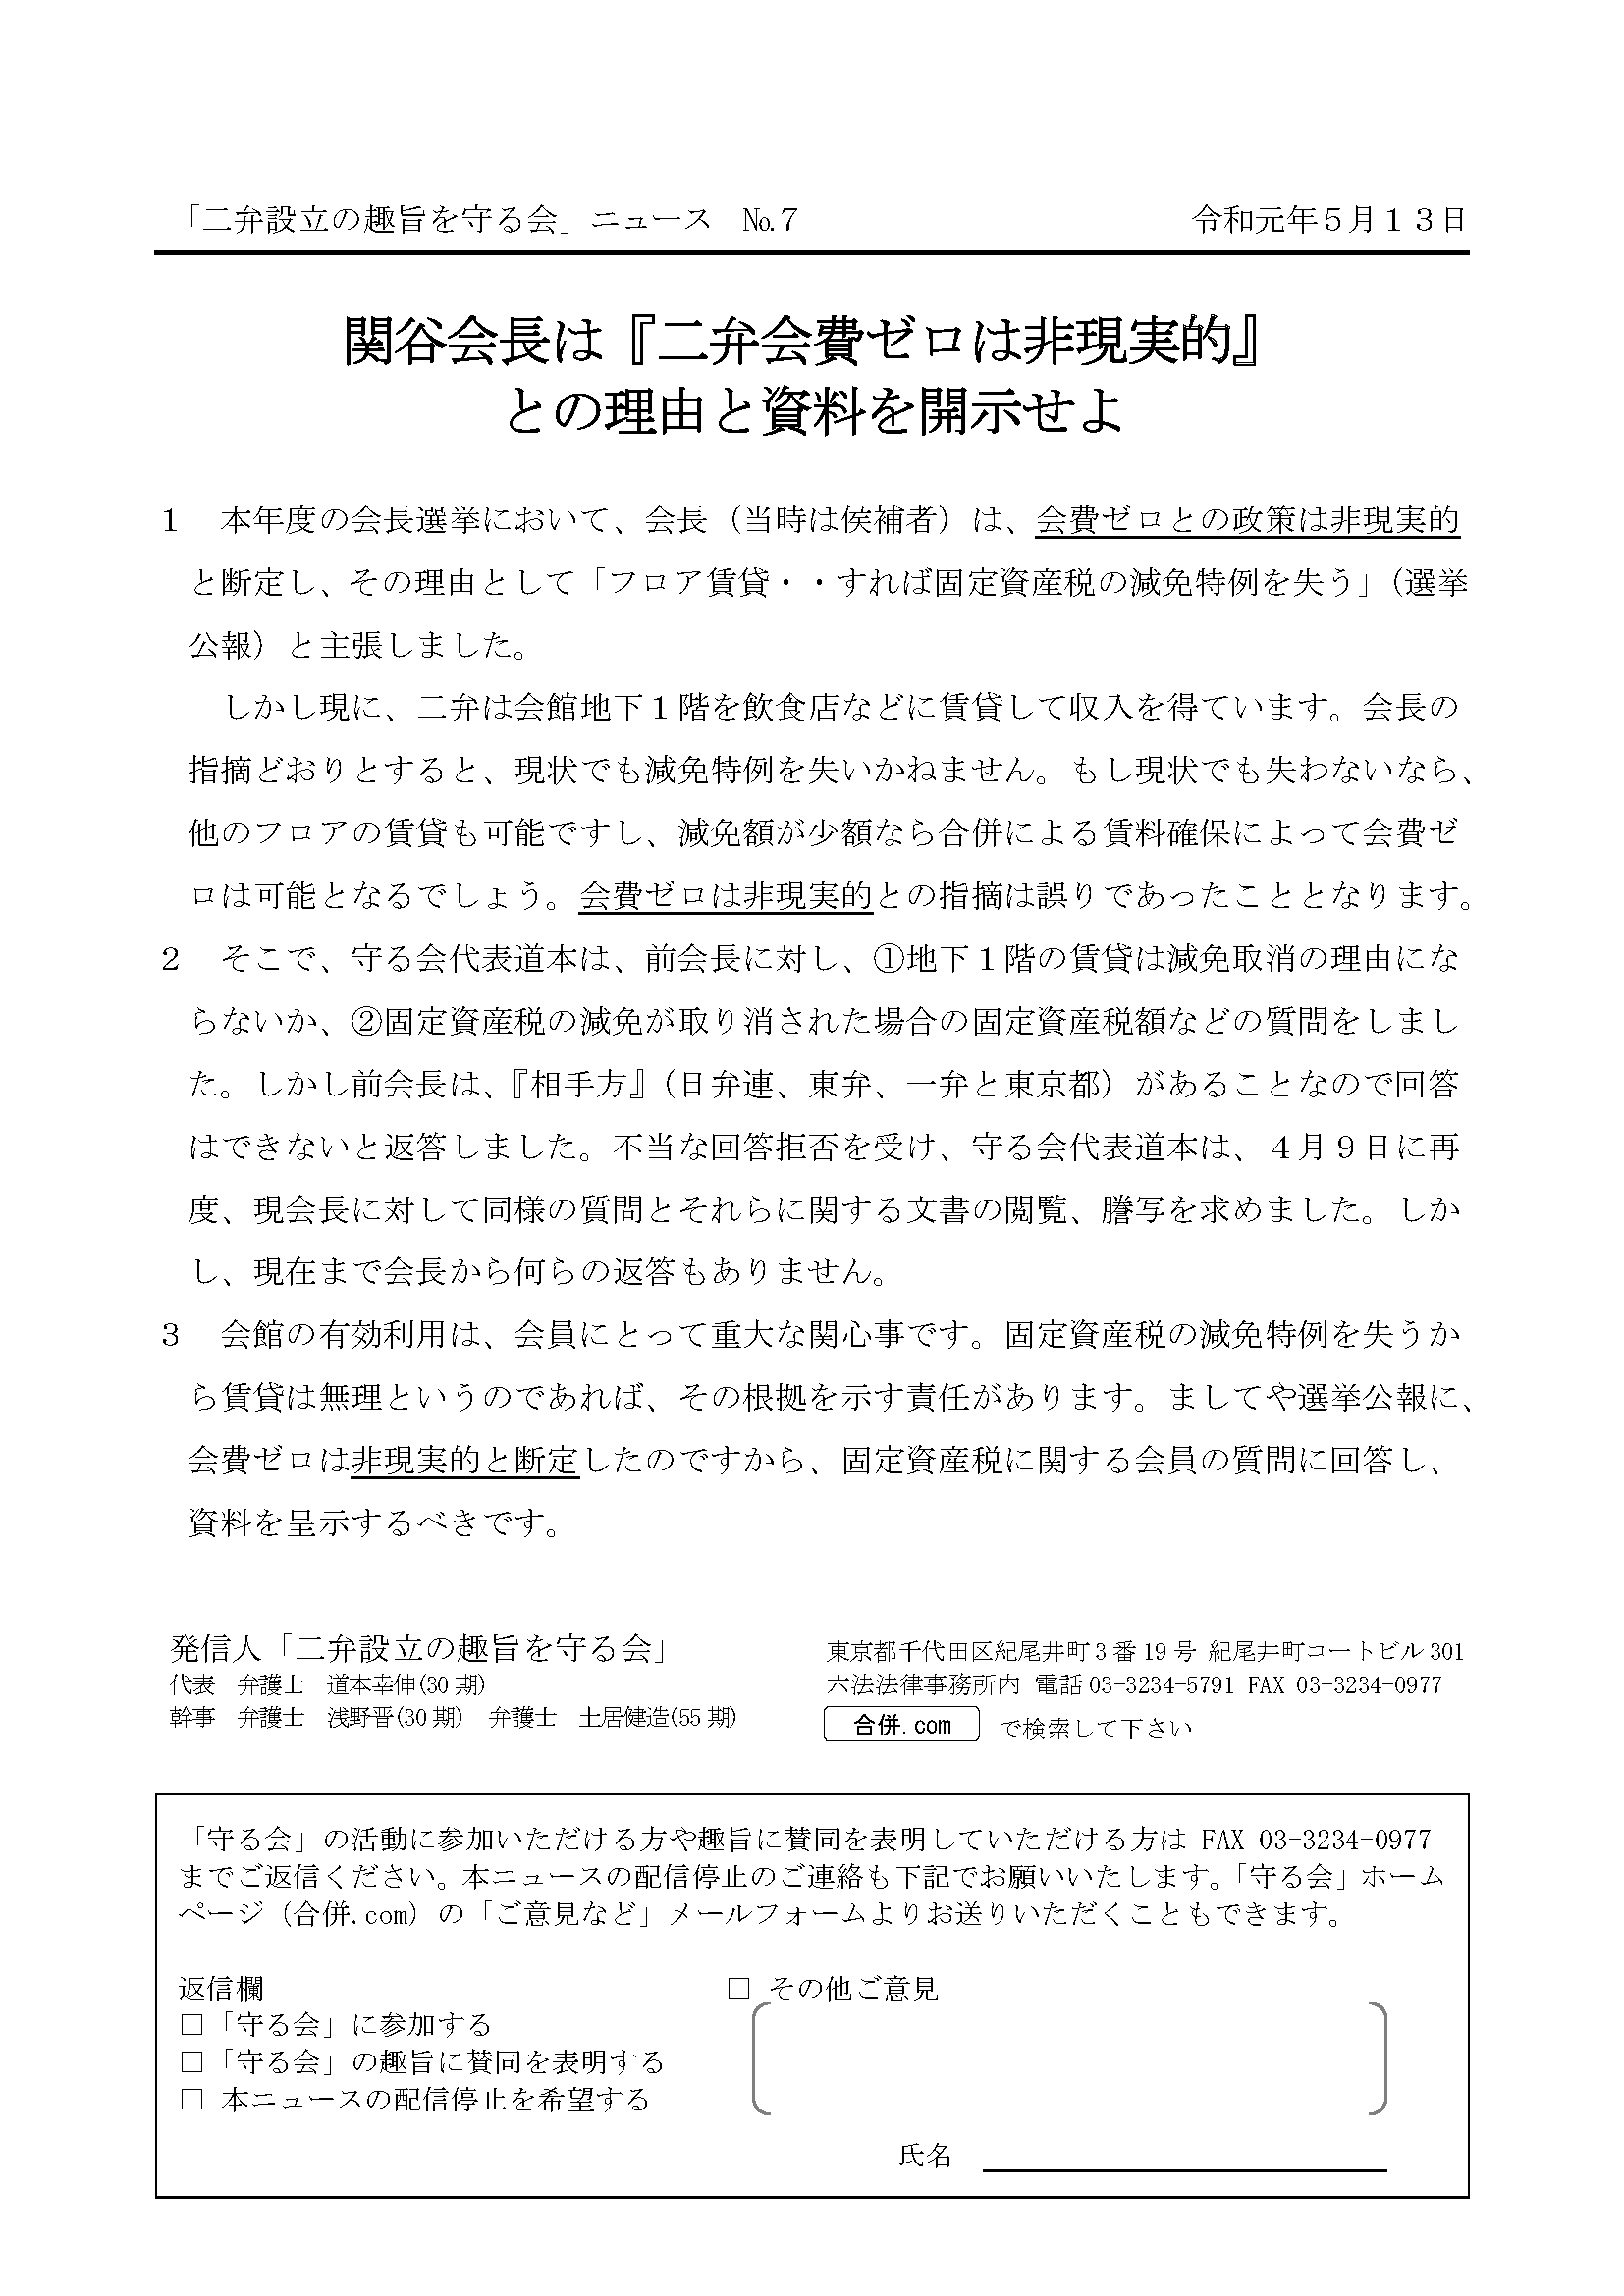 関谷会長は『二弁会費ゼロは非現実的』との理由と資料を開示せよ